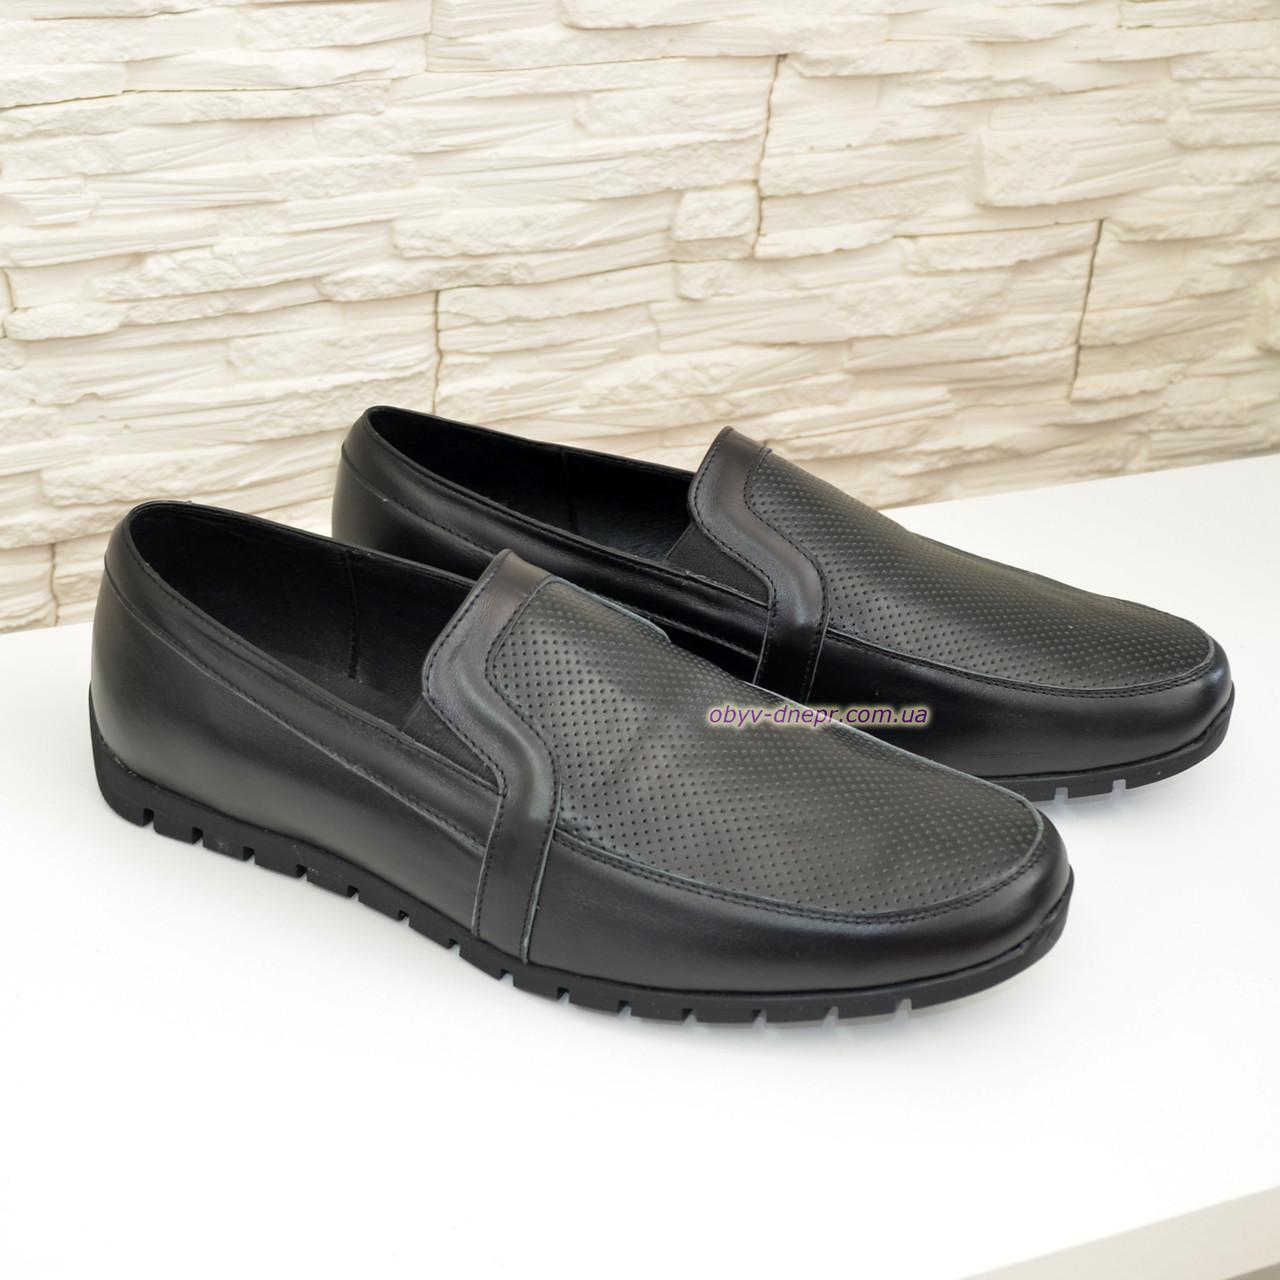 Мужские кожаные туфли-мокасины, цвет черный